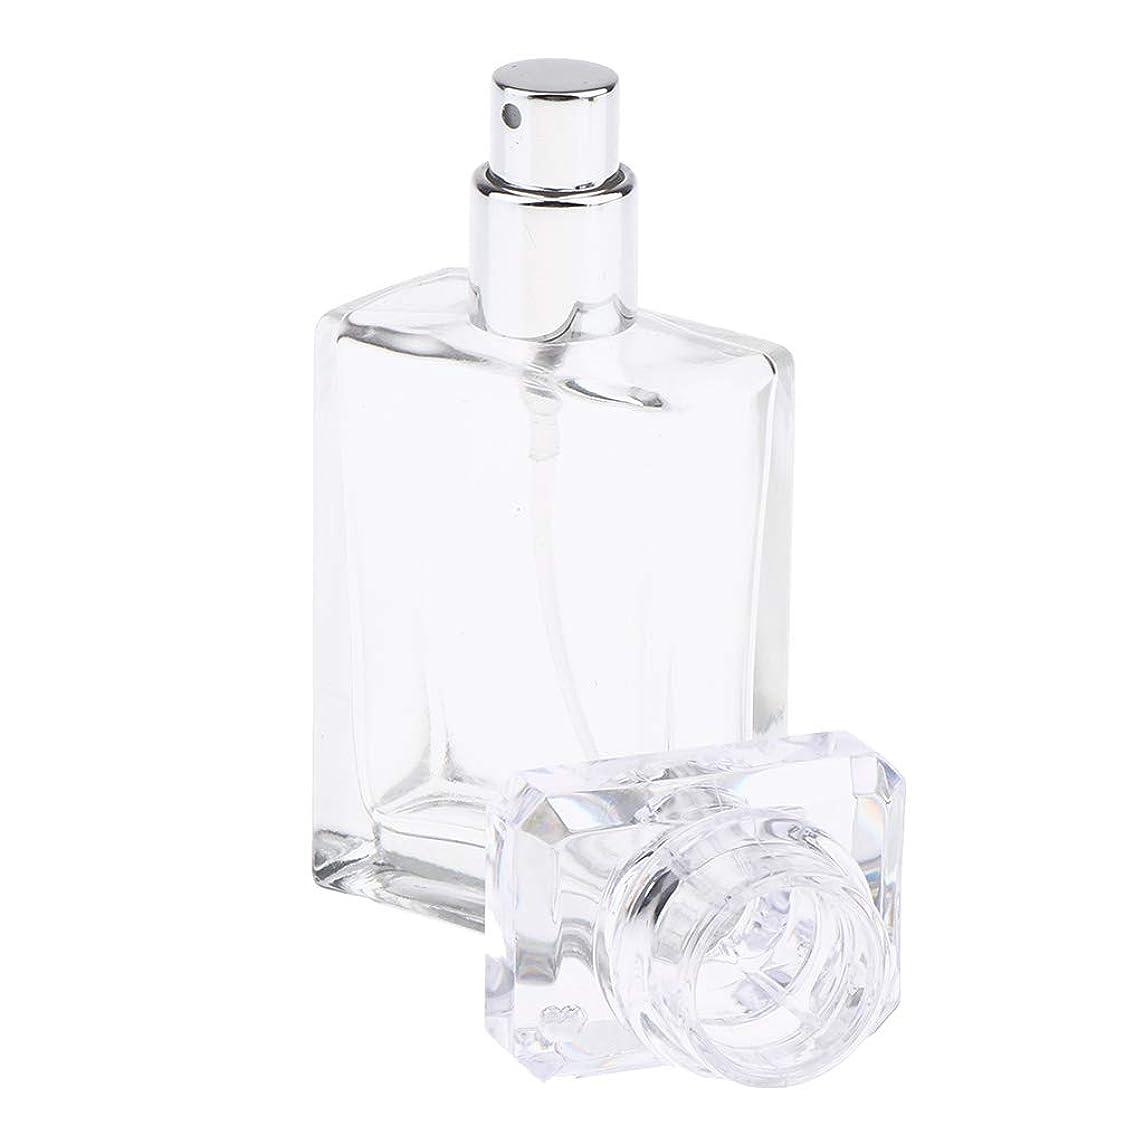 口述する鉛筆正統派P Prettyia 香水瓶 ガラスボトル スプレーボトル 香水 小分けボトル 空のボトル 30ミリリットル 全2色 - クリア